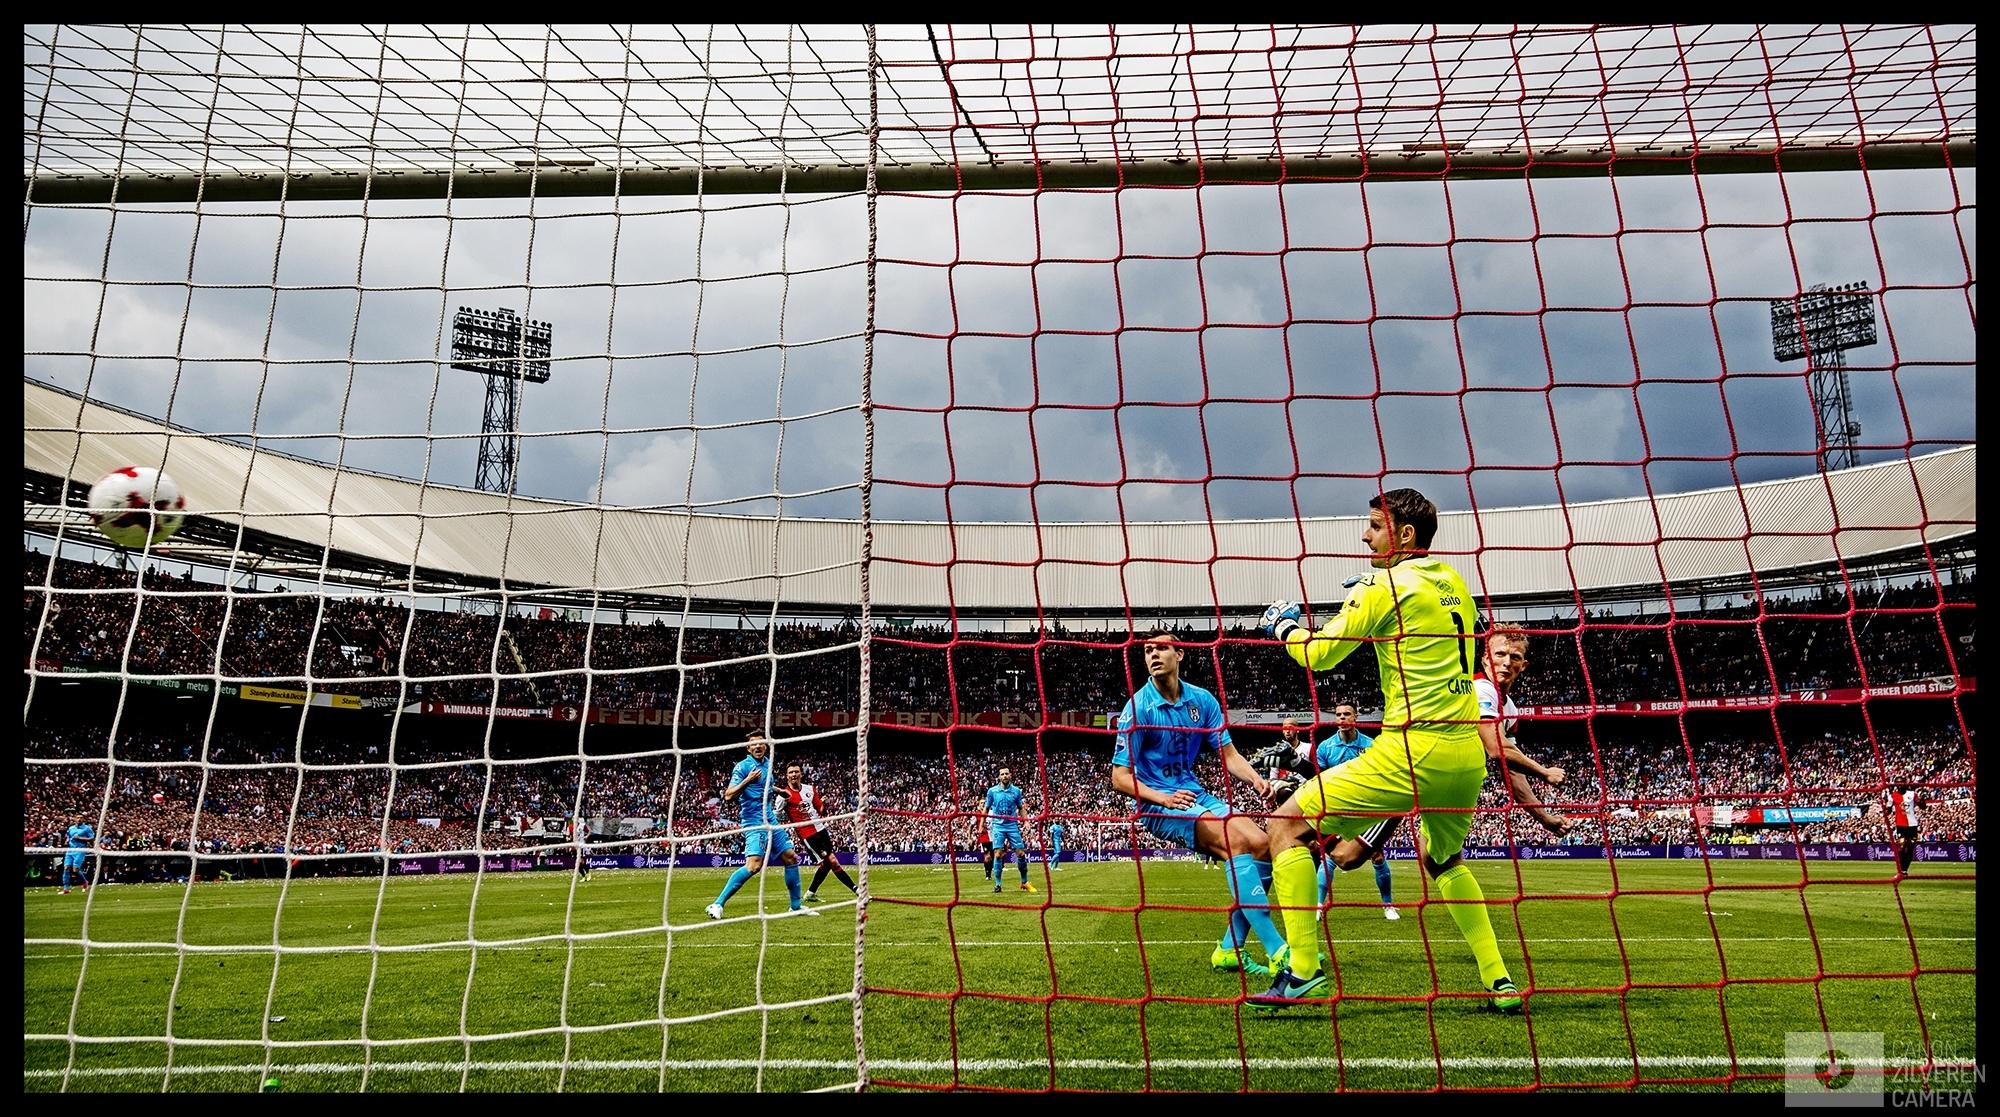 Nederland, Rotterdam, 14-05-2017Foto 4Serie landskampioenschap Feyenoordseizoen 2016/2017Dirk Kuyt maakt hangend in de lucht met een rake kopbal 2-0. De tweede van de Feyenoord-aanvoerder die zijn laatste wedstrijd als profvoetballer met een hattrick bekroont. In zijn eentje maakt hij Feyenoord landskampioen.